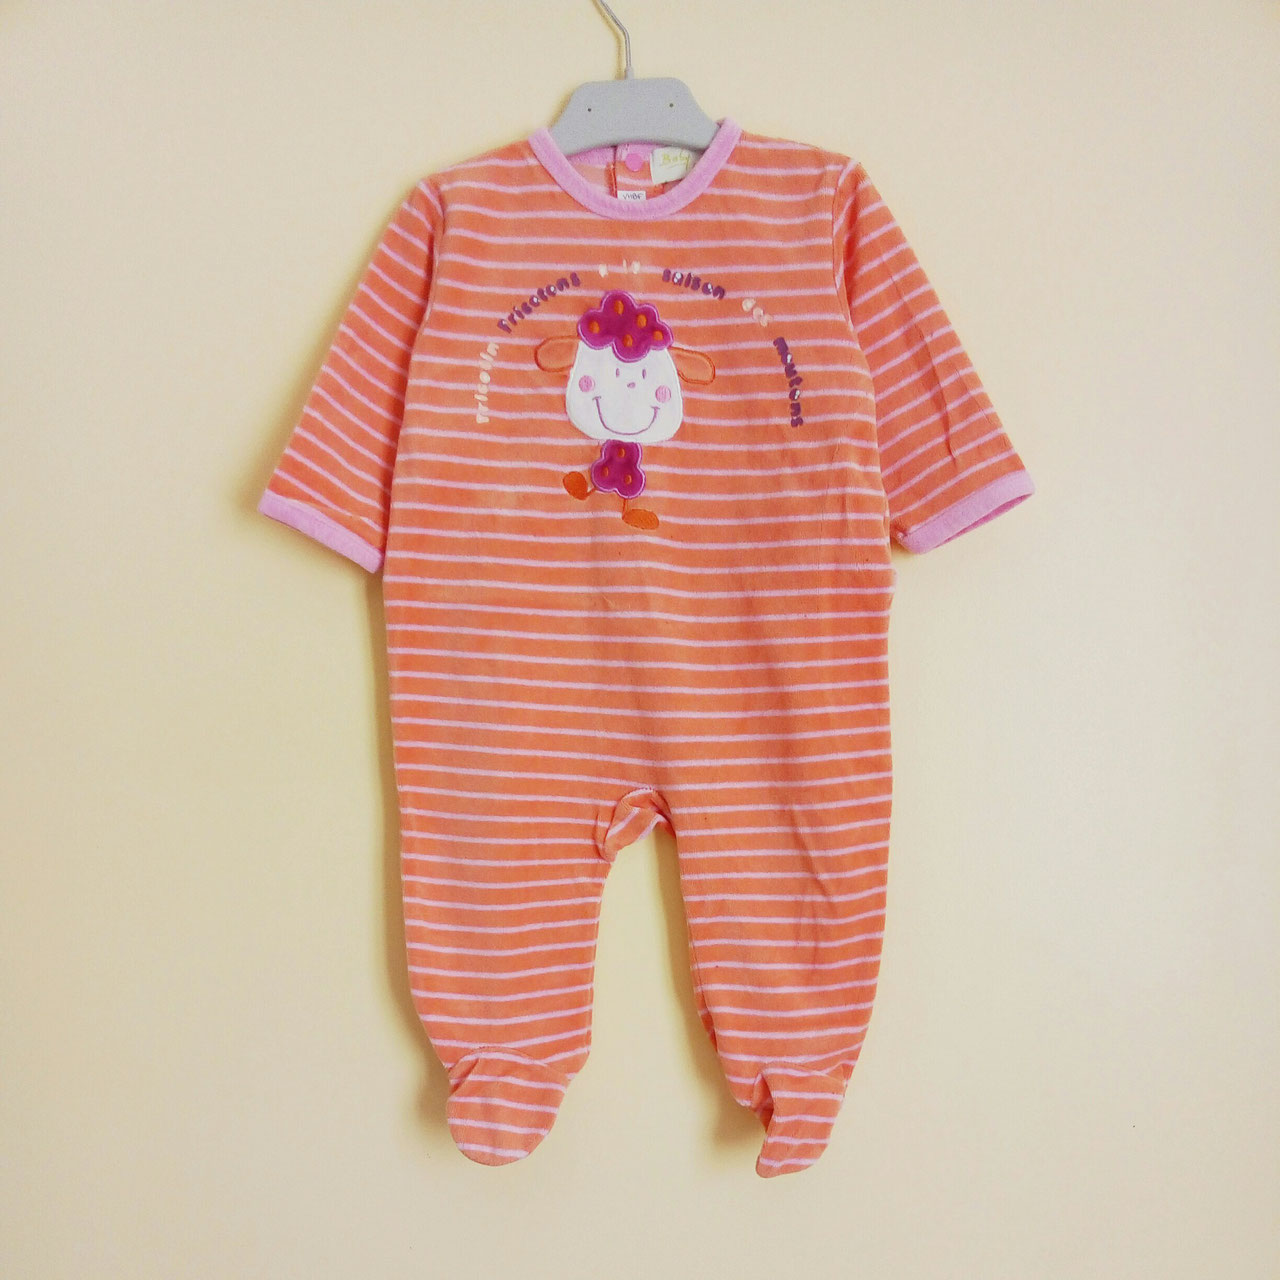 d8b813371a525 Pyjama velours 9 mois - Chipettes-et-Galopins,Vêtements Occasion Enfants